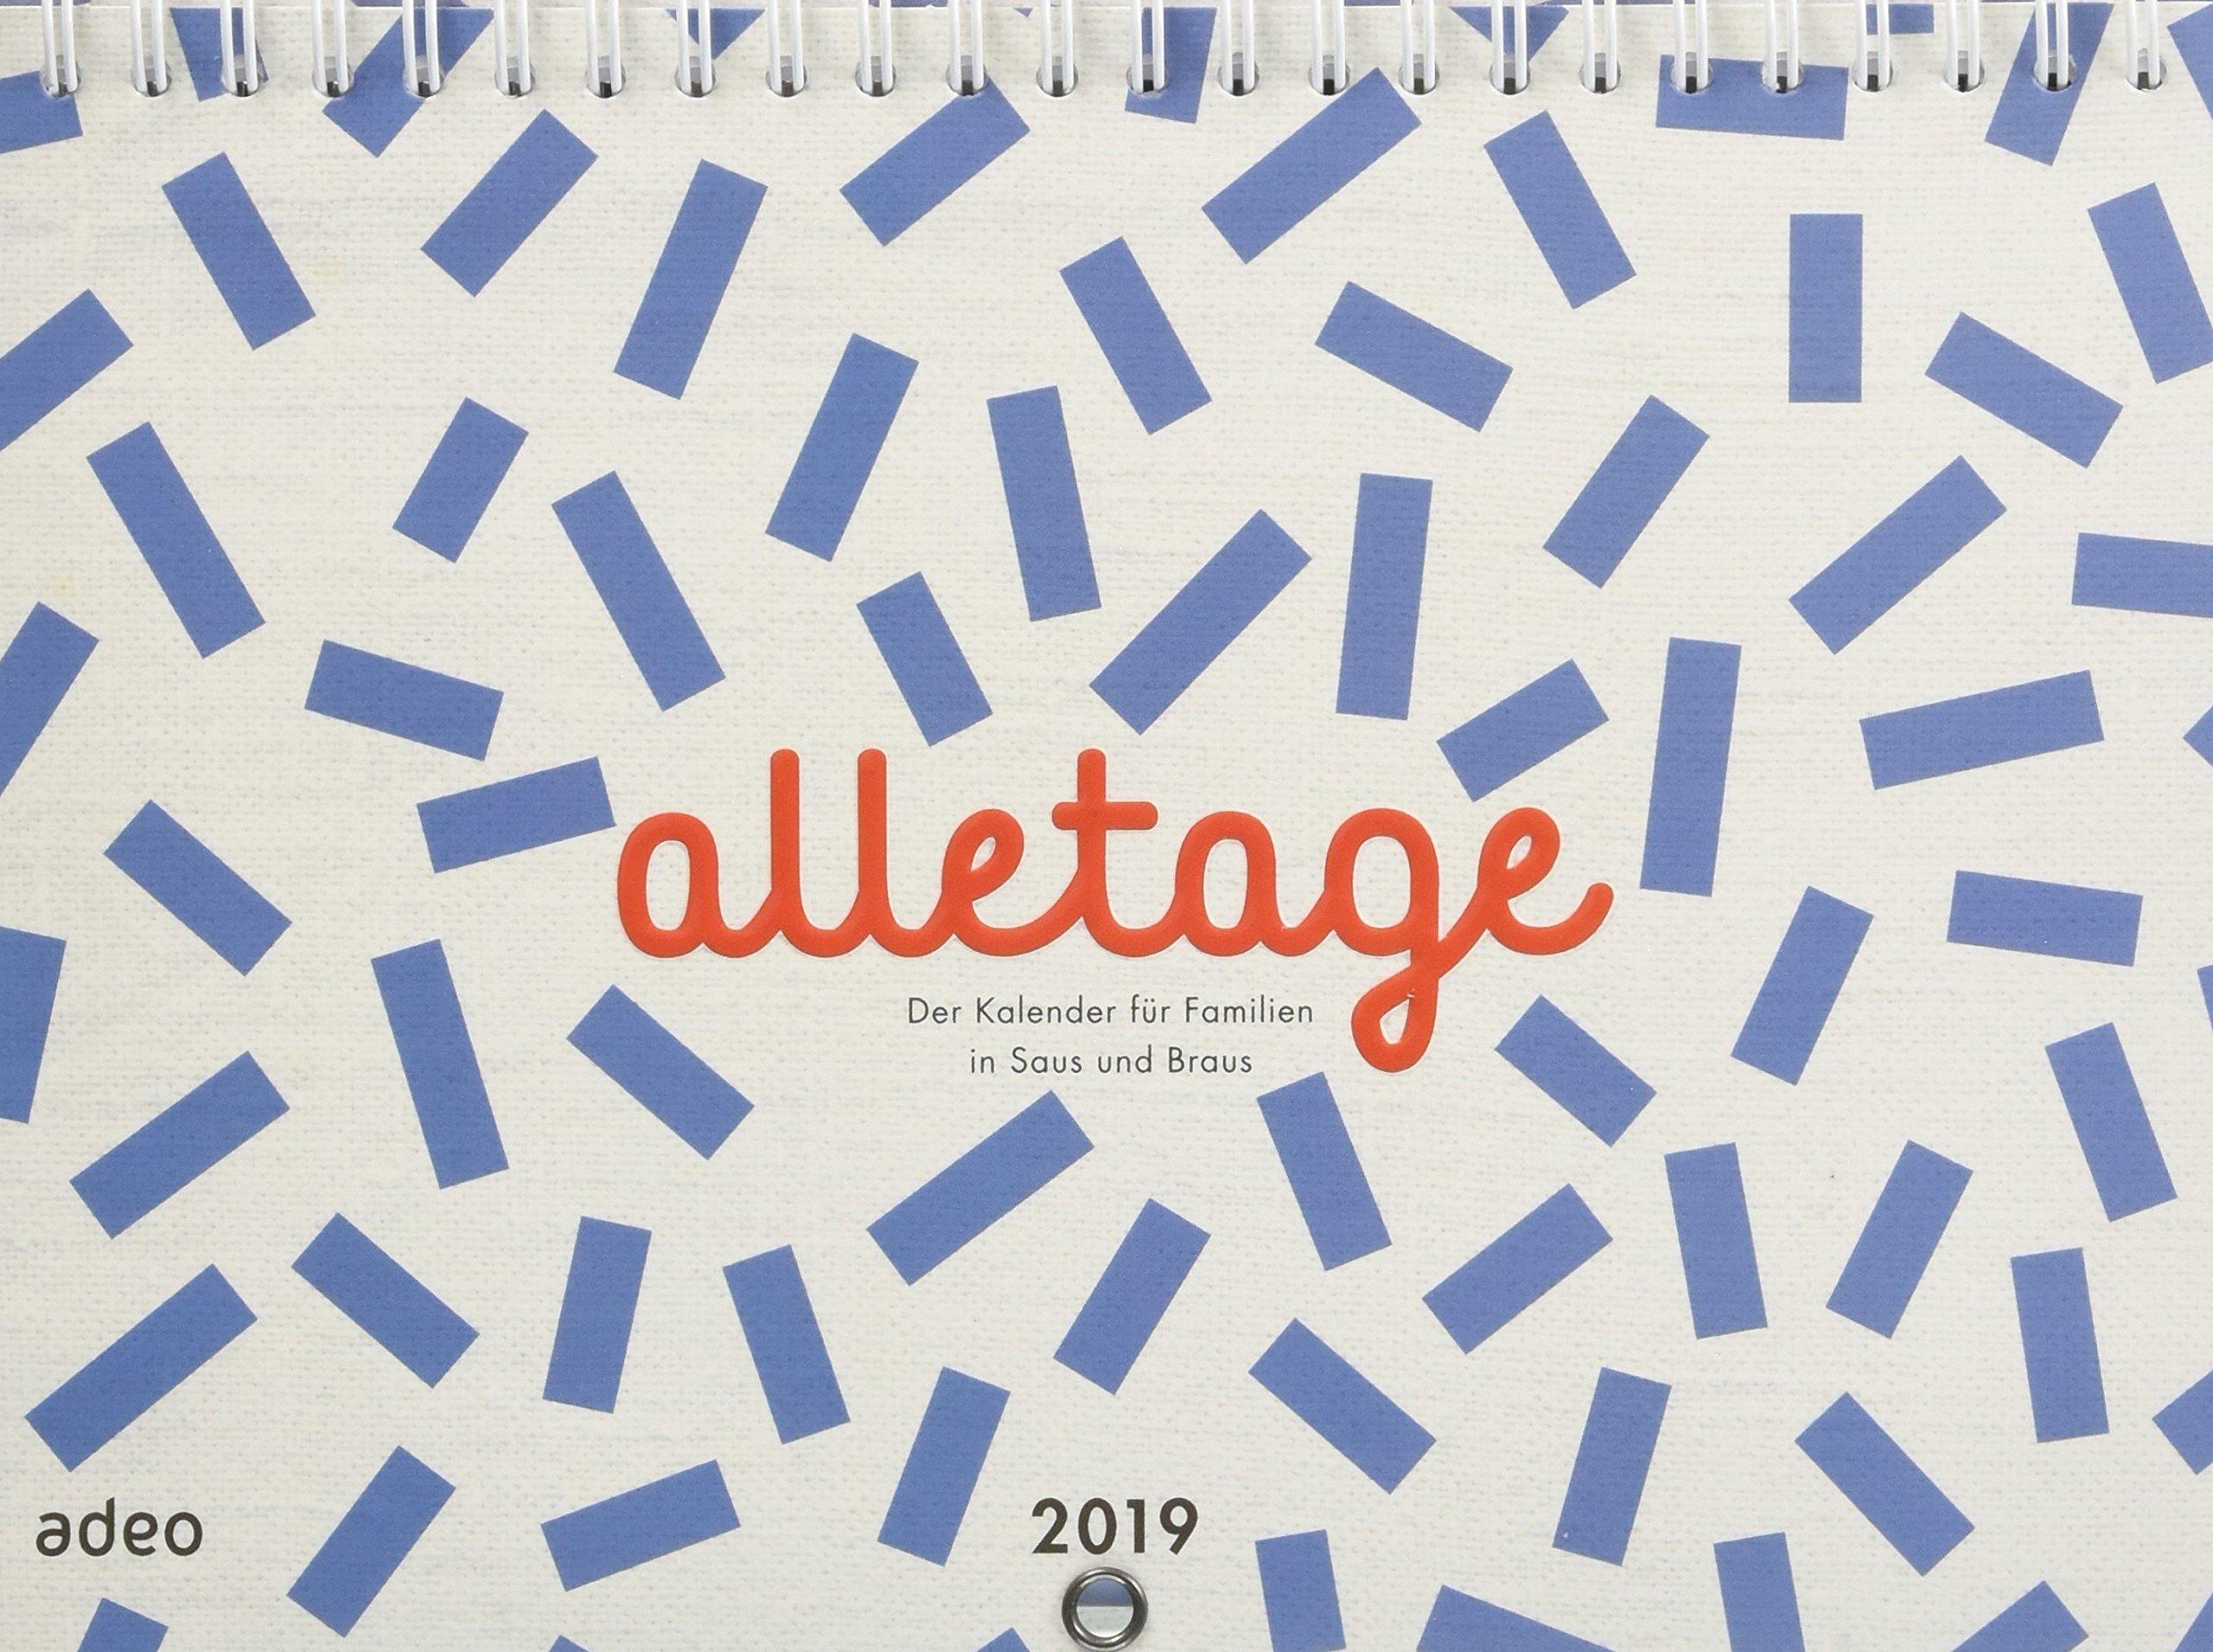 alletage 2019 - Hand- und Wandkalender: Der Kalender für Familien in Saus und Braus.